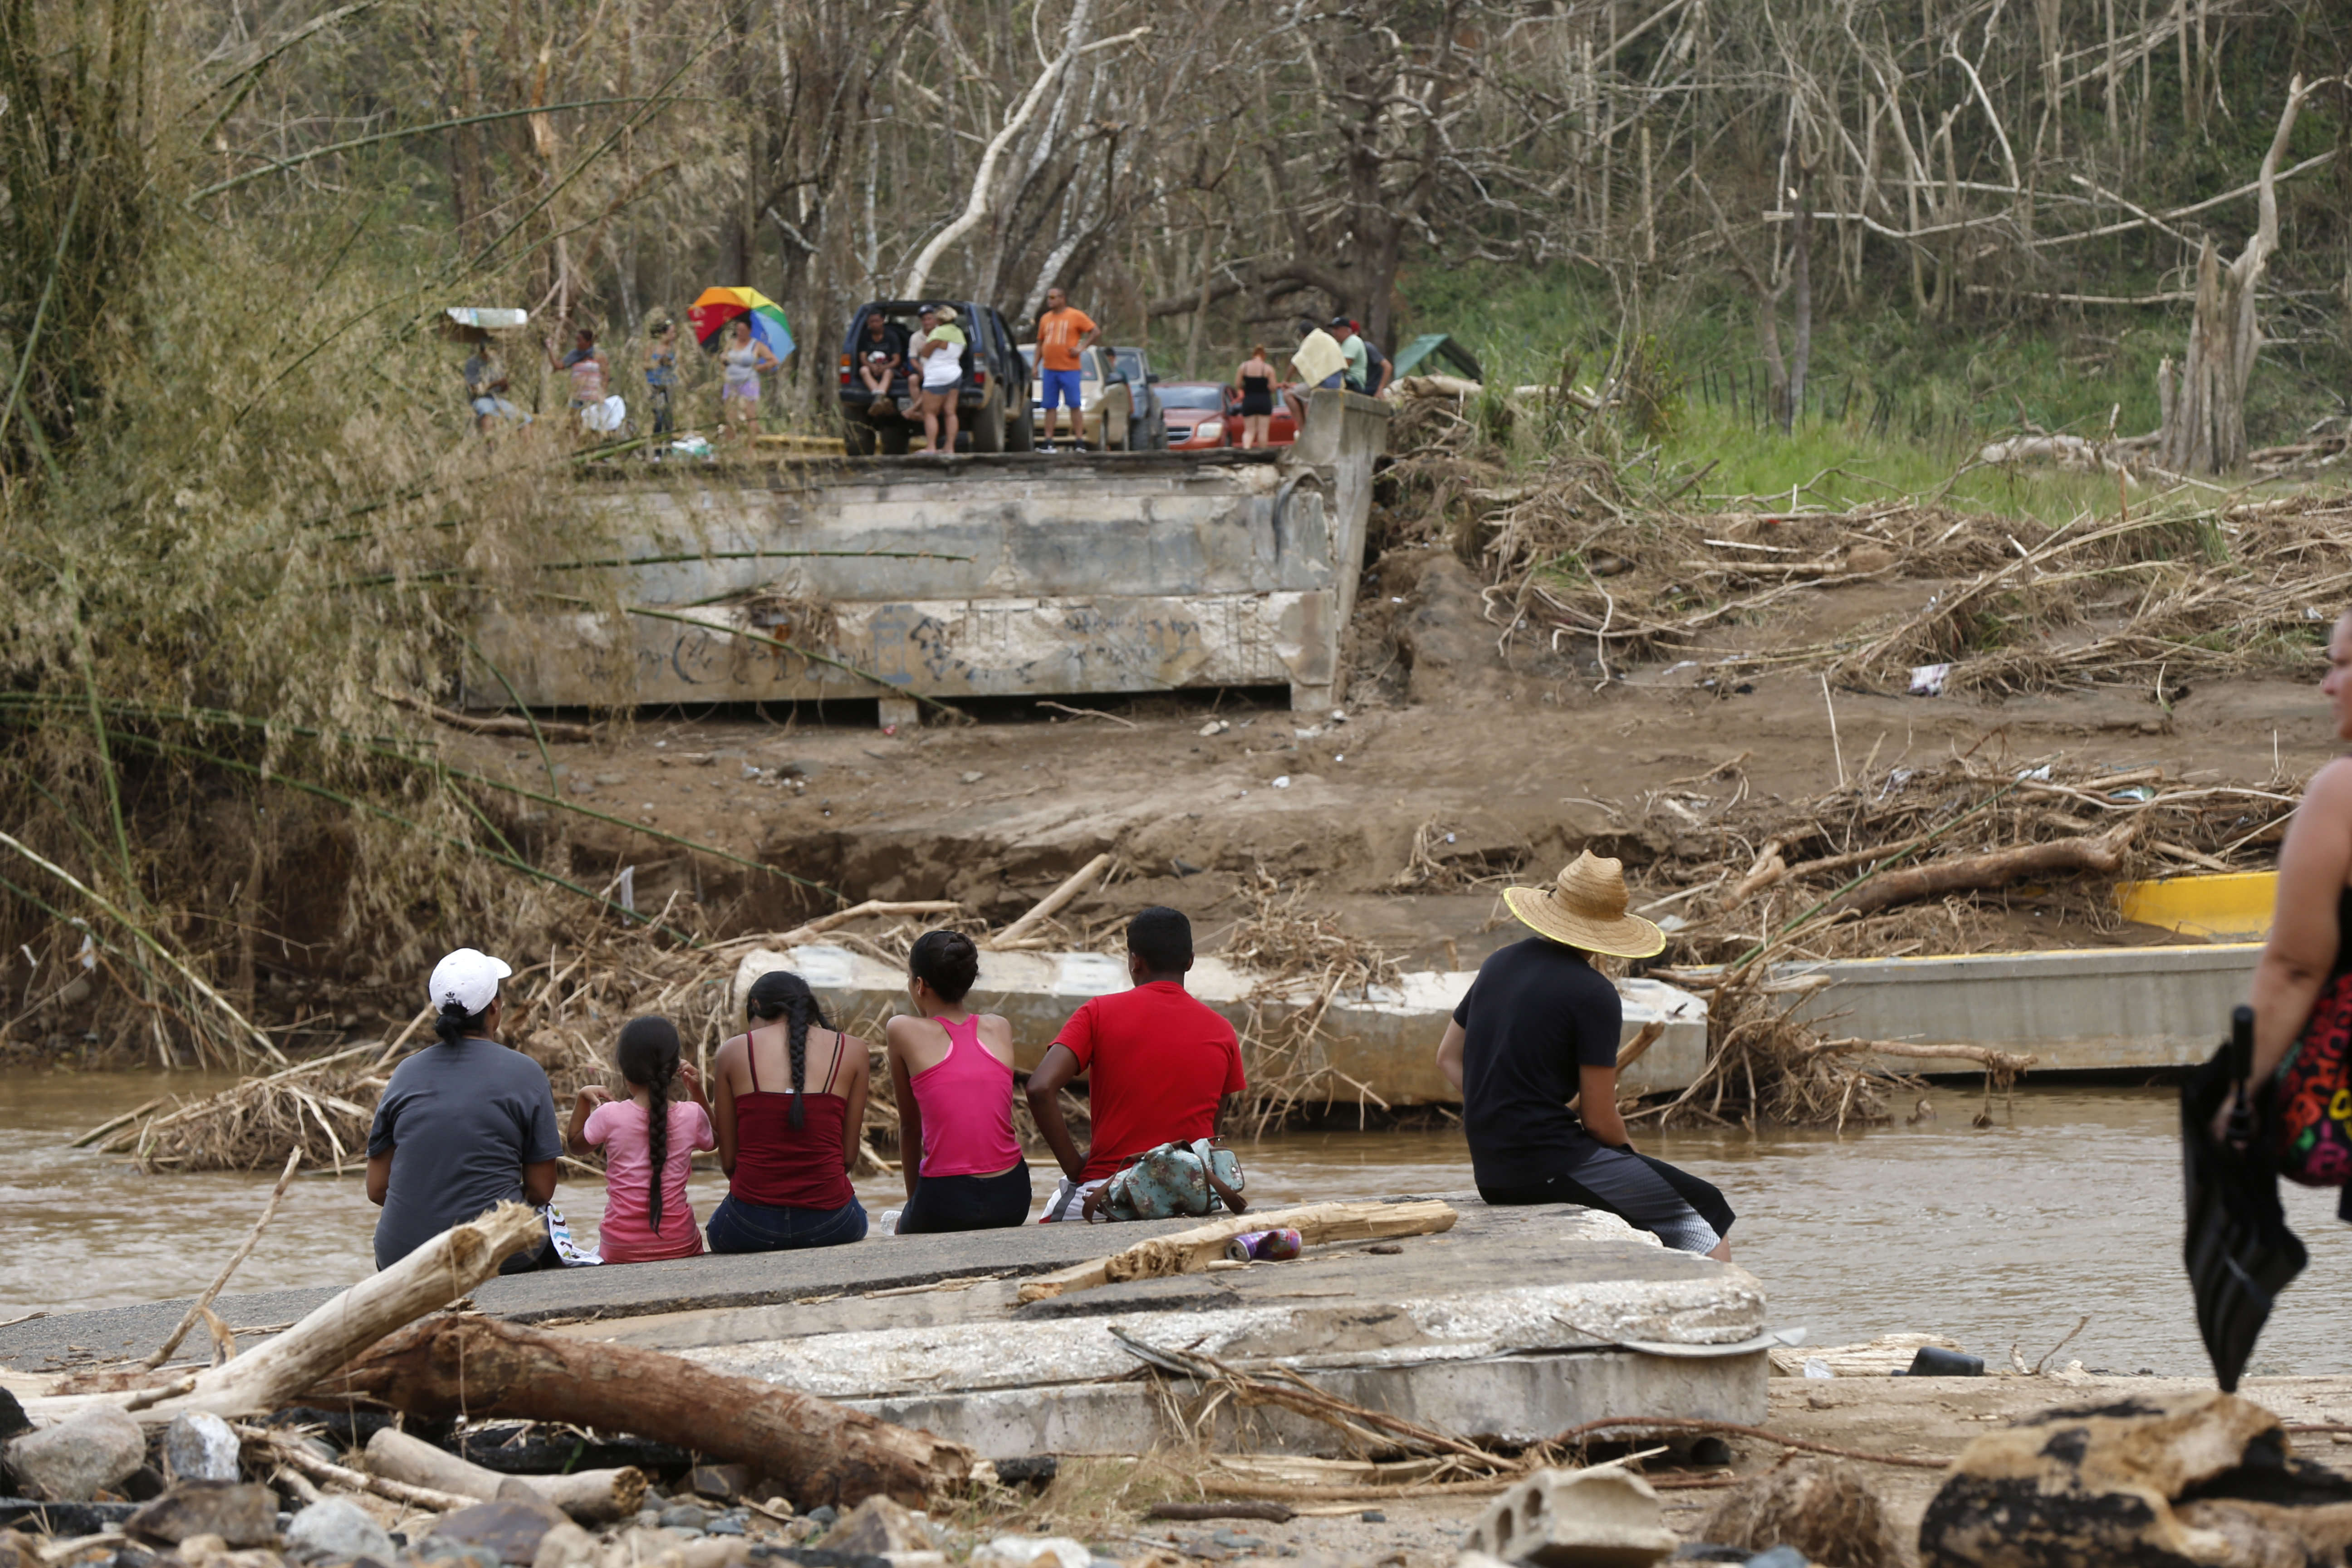 «Les infrastructures sont fragiles, il n'y avait pas de règles d'urbanisme, donc il y a beaucoup de dégâts», a expliqué la ministre adjointe à la sécurité intérieure des Etats-Unis, Elaine Duke(Porto Rico est un territoire non incorporé des Etats-Unis).